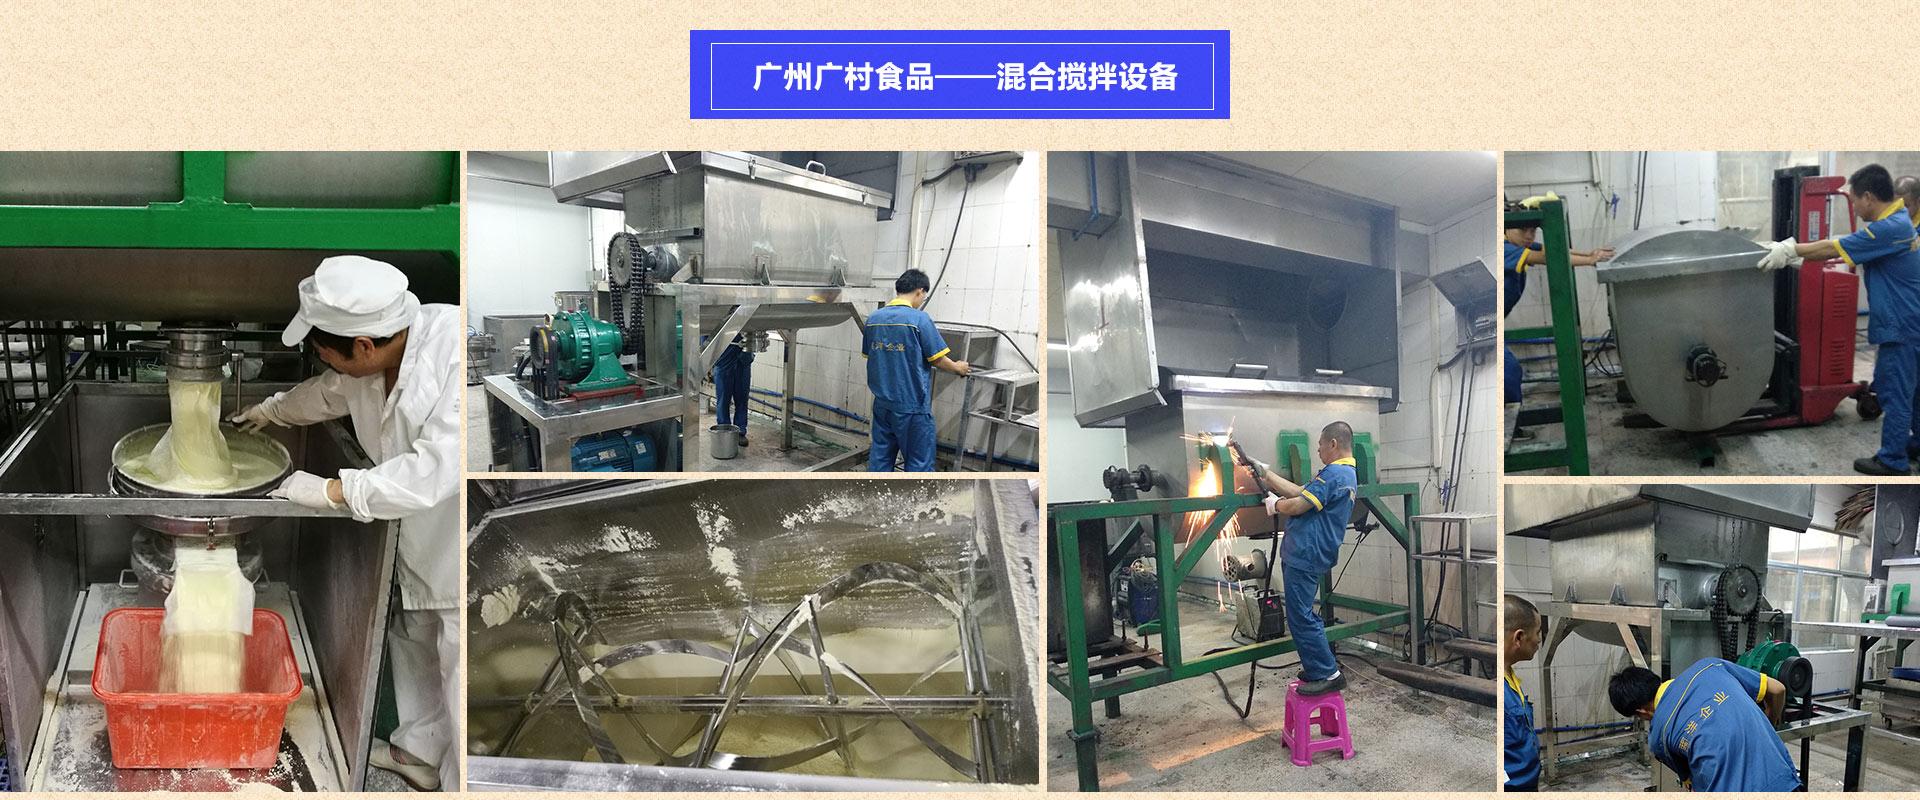 广州广村食品——混合搅拌设备1